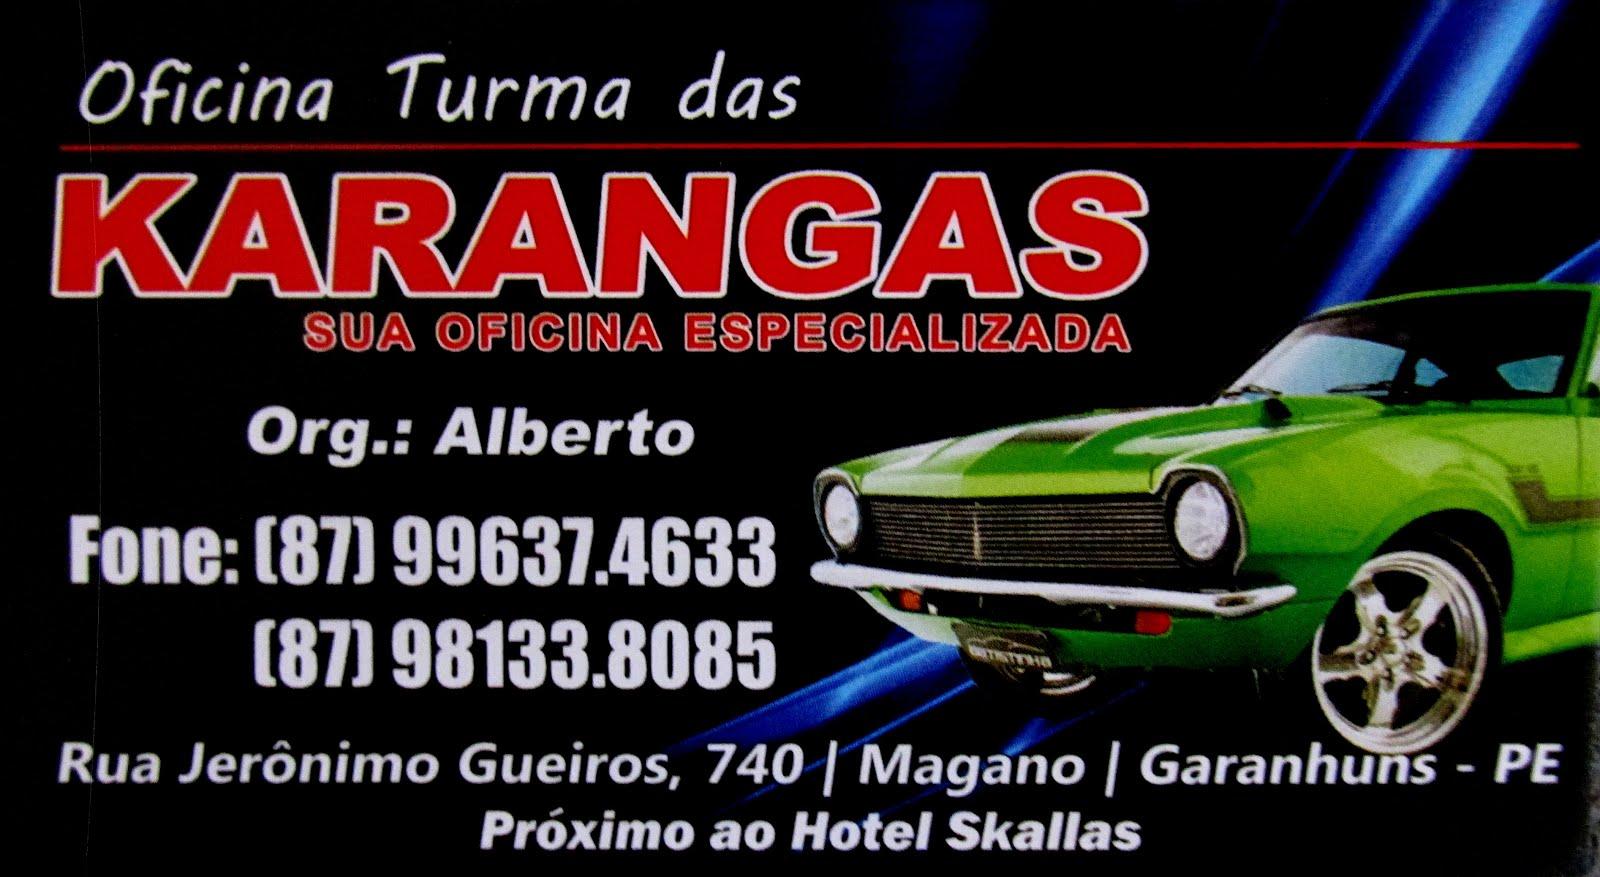 KARANGAS - SUA OFICINA ESPECIALIZADA